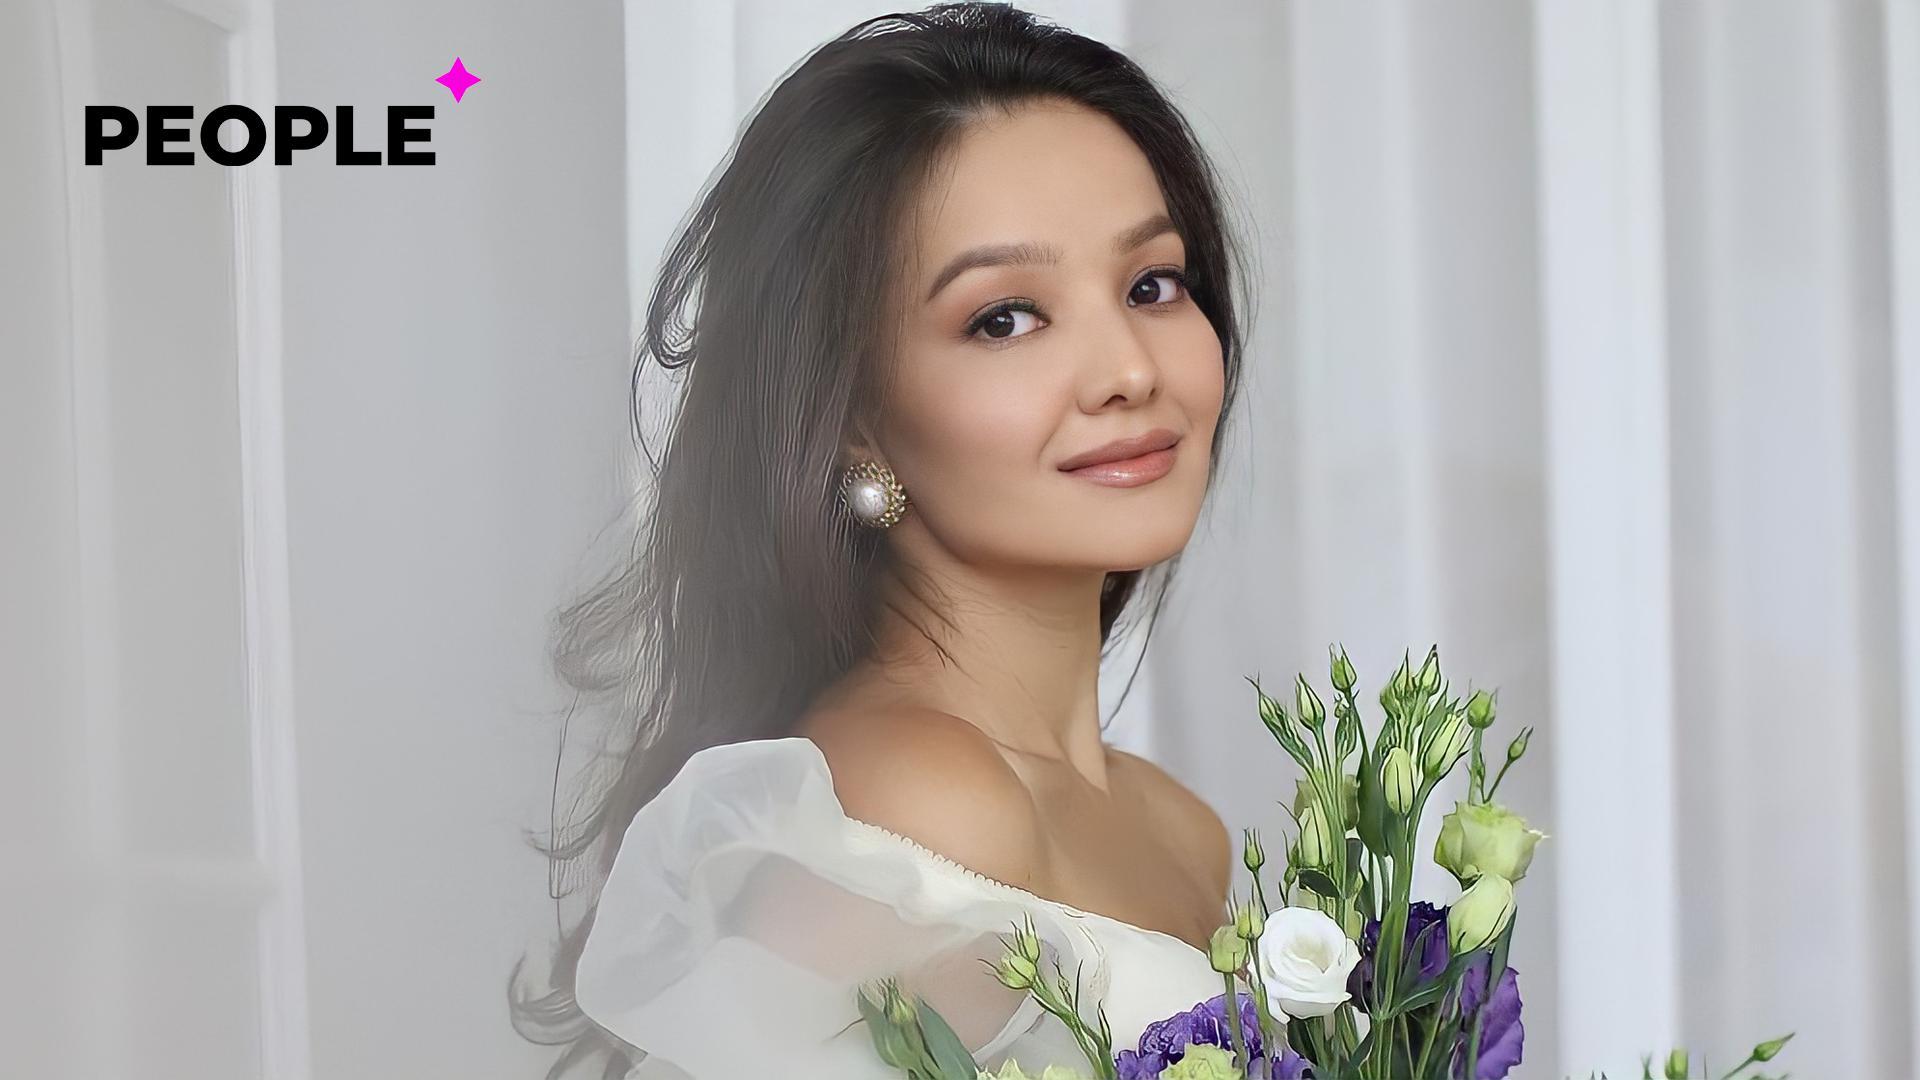 Ведущая Хуснора Шадиева посоветовала девушкам меньше пользоваться фильтрами в Instagram